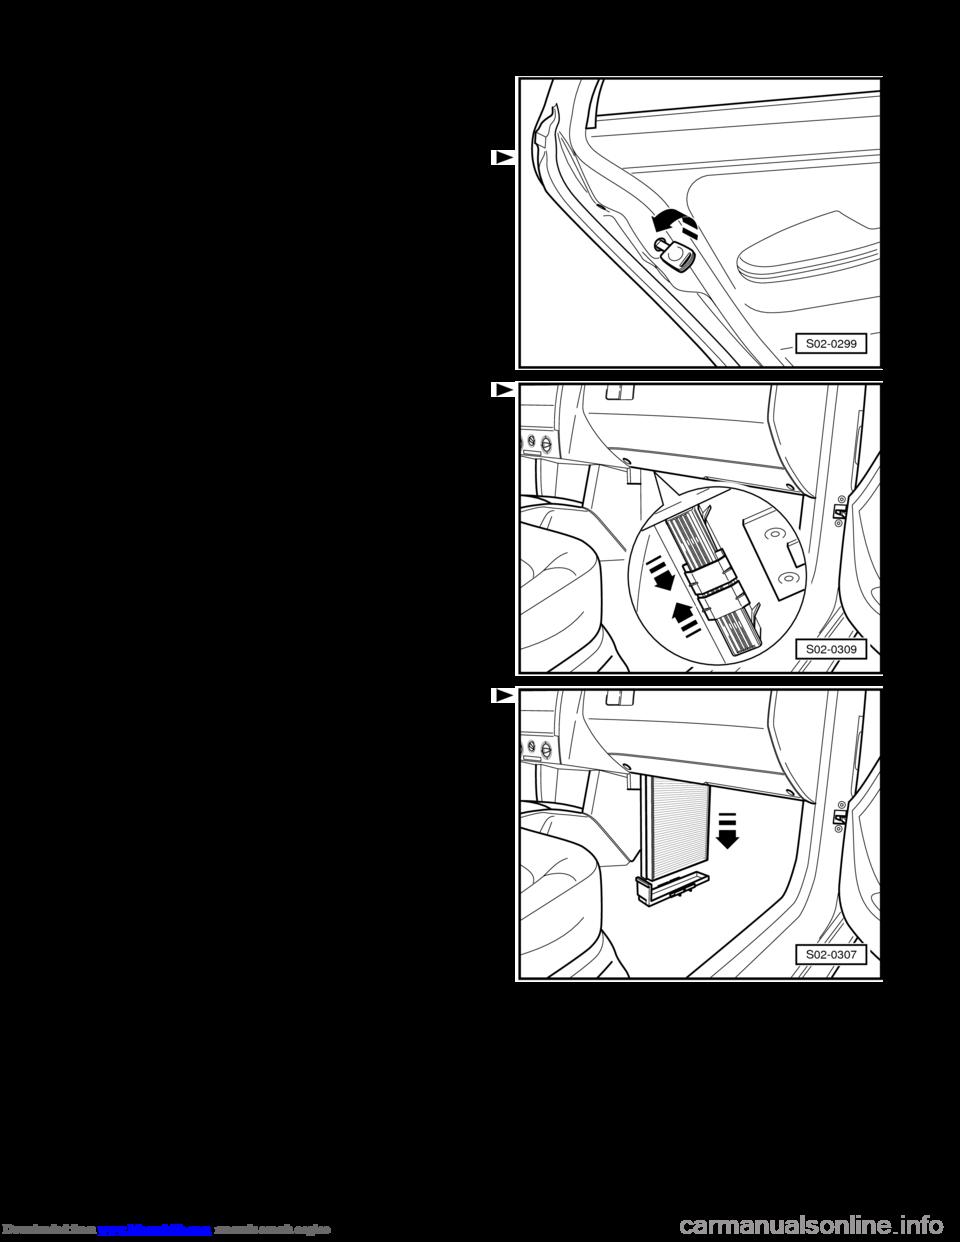 skoda fabia 2000 1 g / 6y workshop manual, page 73